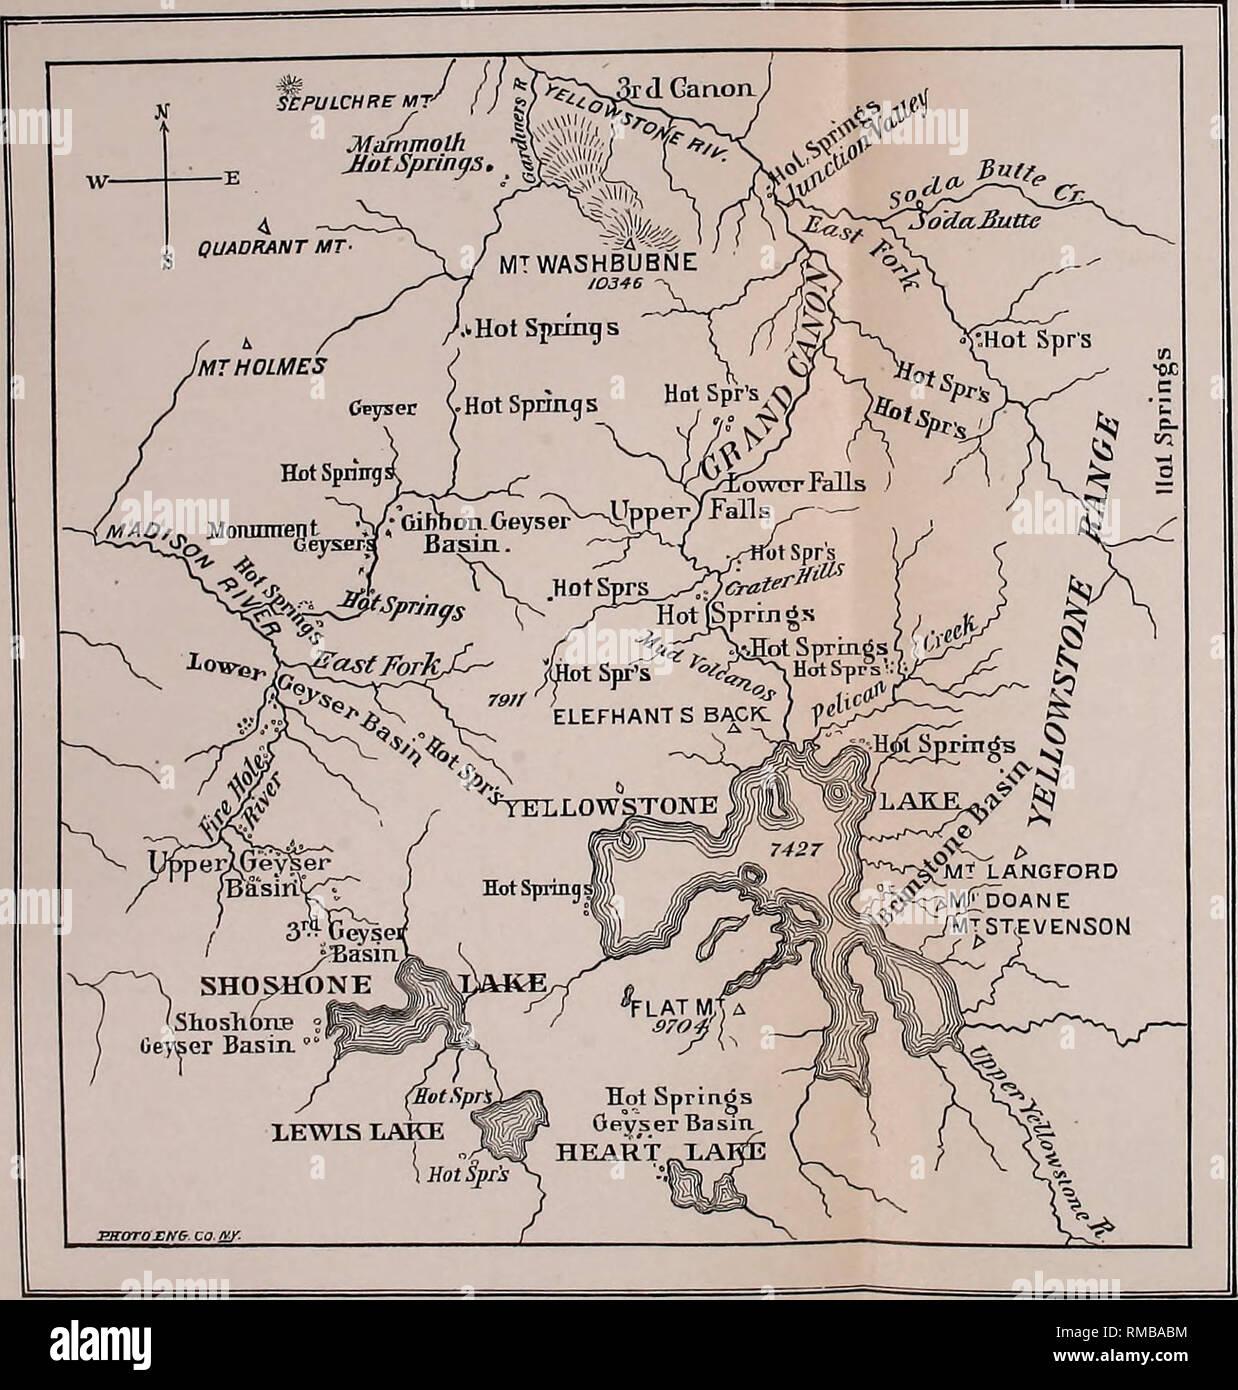 Yellowstone Karte.Jahresbericht 1 St 12th 1867 1878 Geologie Karte Von Yellowstone